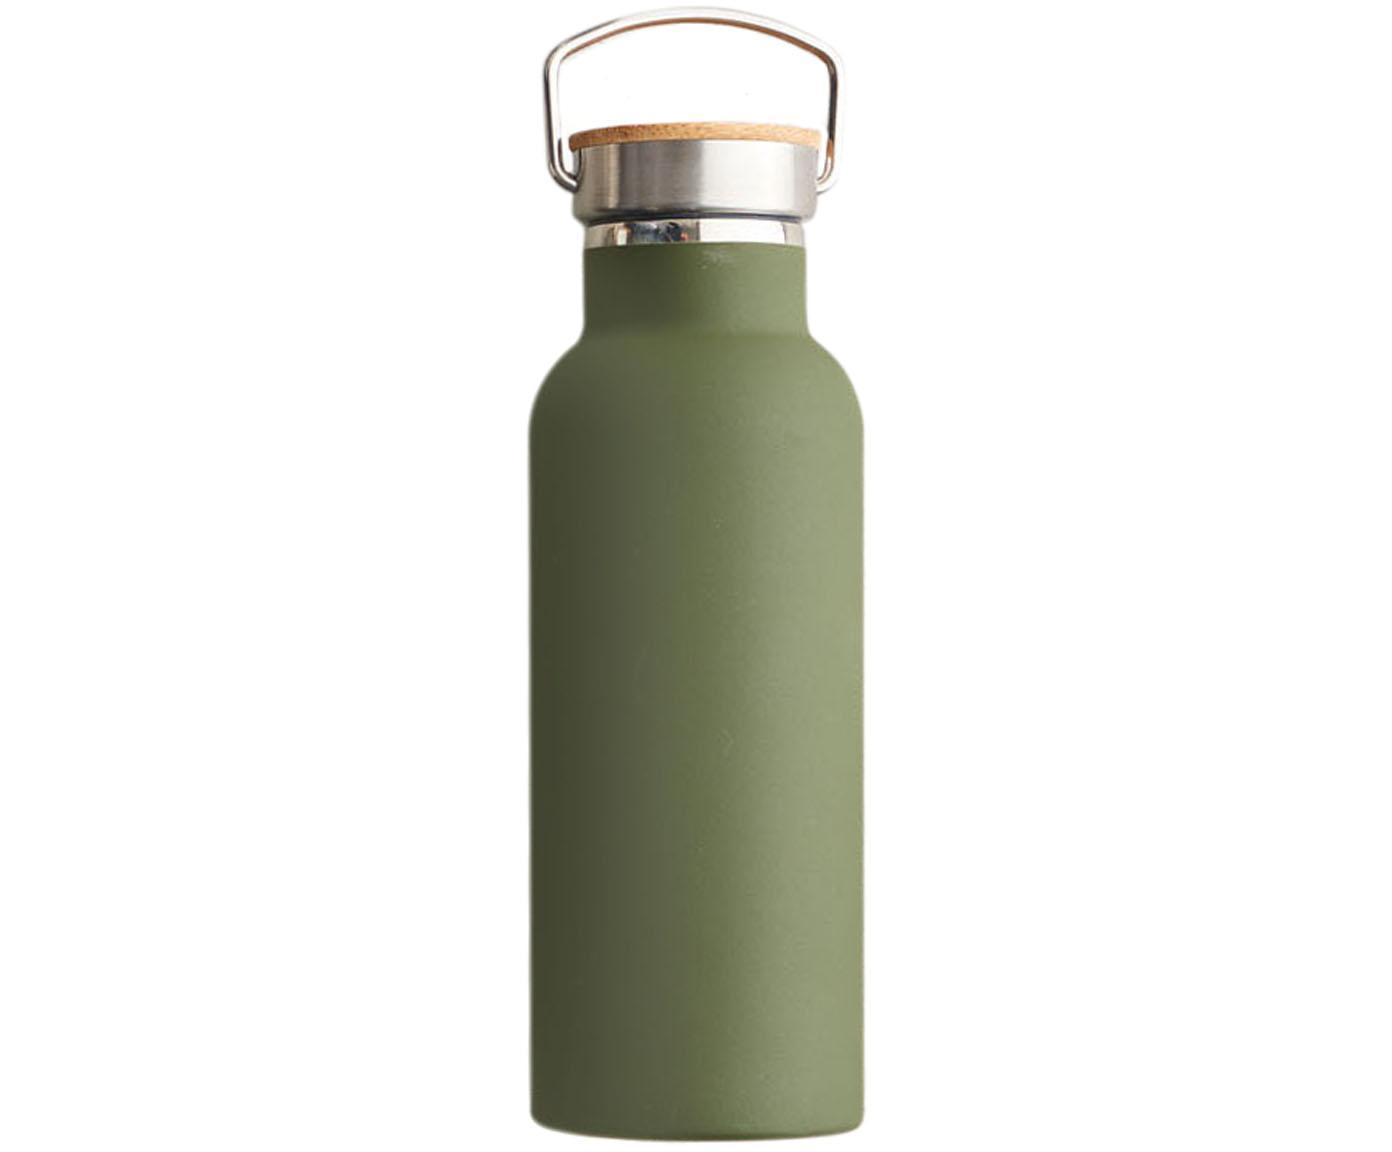 Isolierflasche Miles, Flasche: Rostfreier Stahl 18/8, Olivgrün, Stahl, Ø 7 x H 22 cm